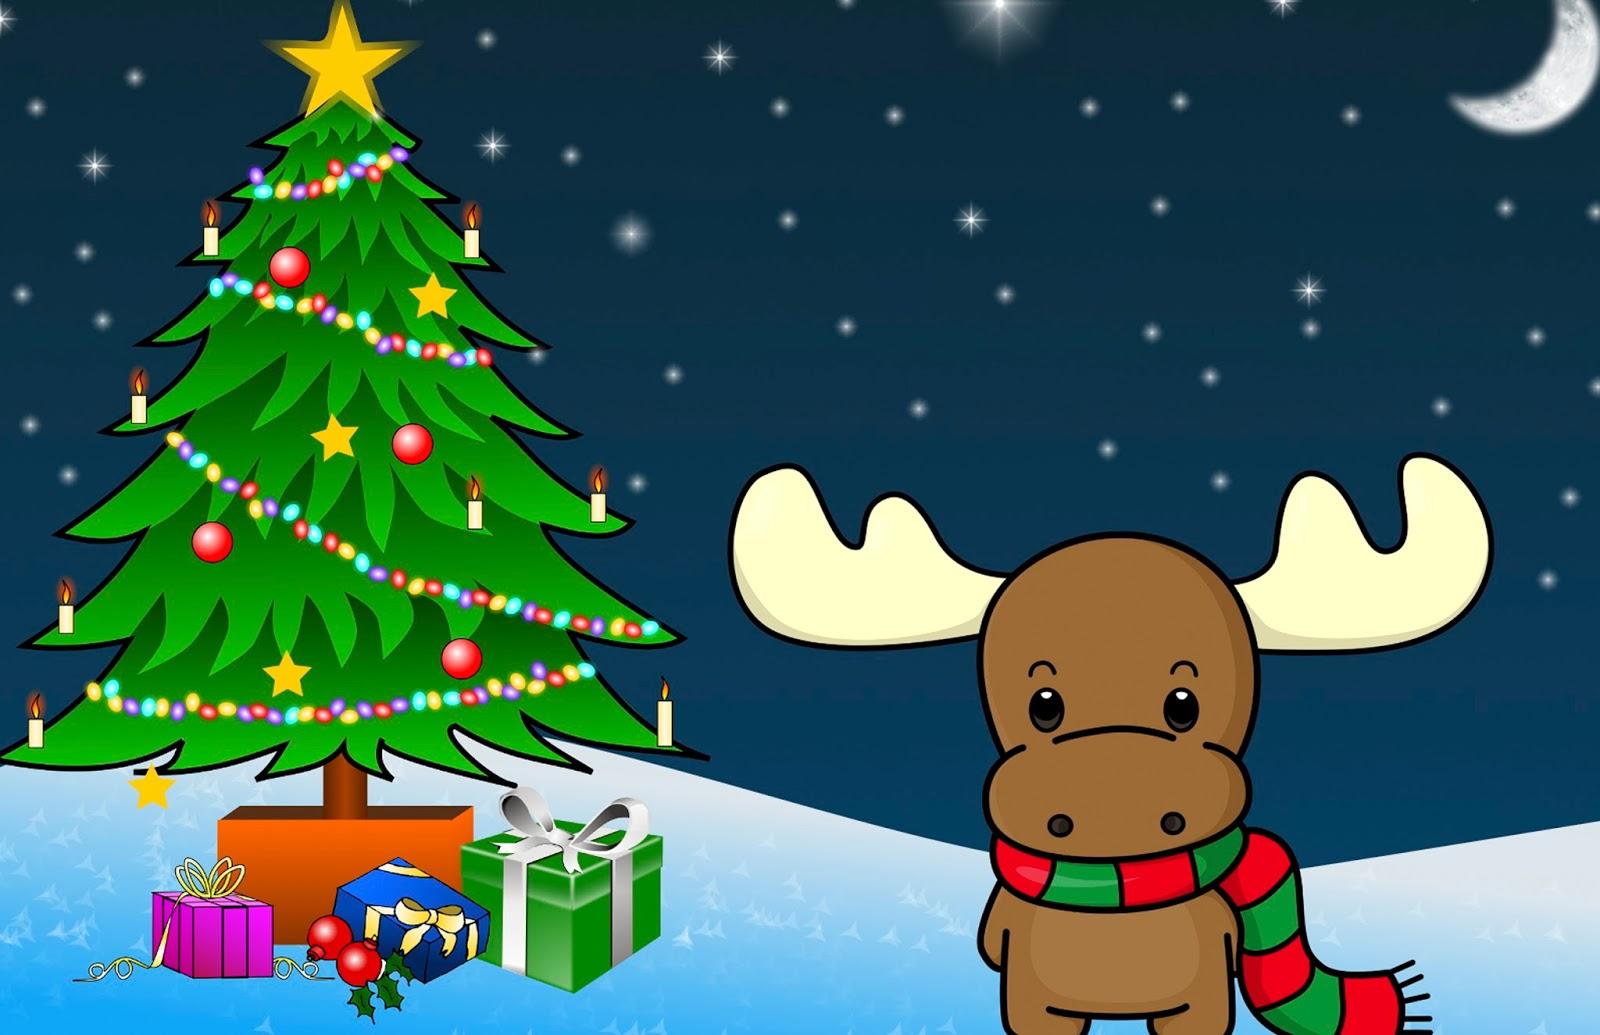 Tarjeta de Navidad Reno Ternura Descarga Gratis  Artes DaVinci